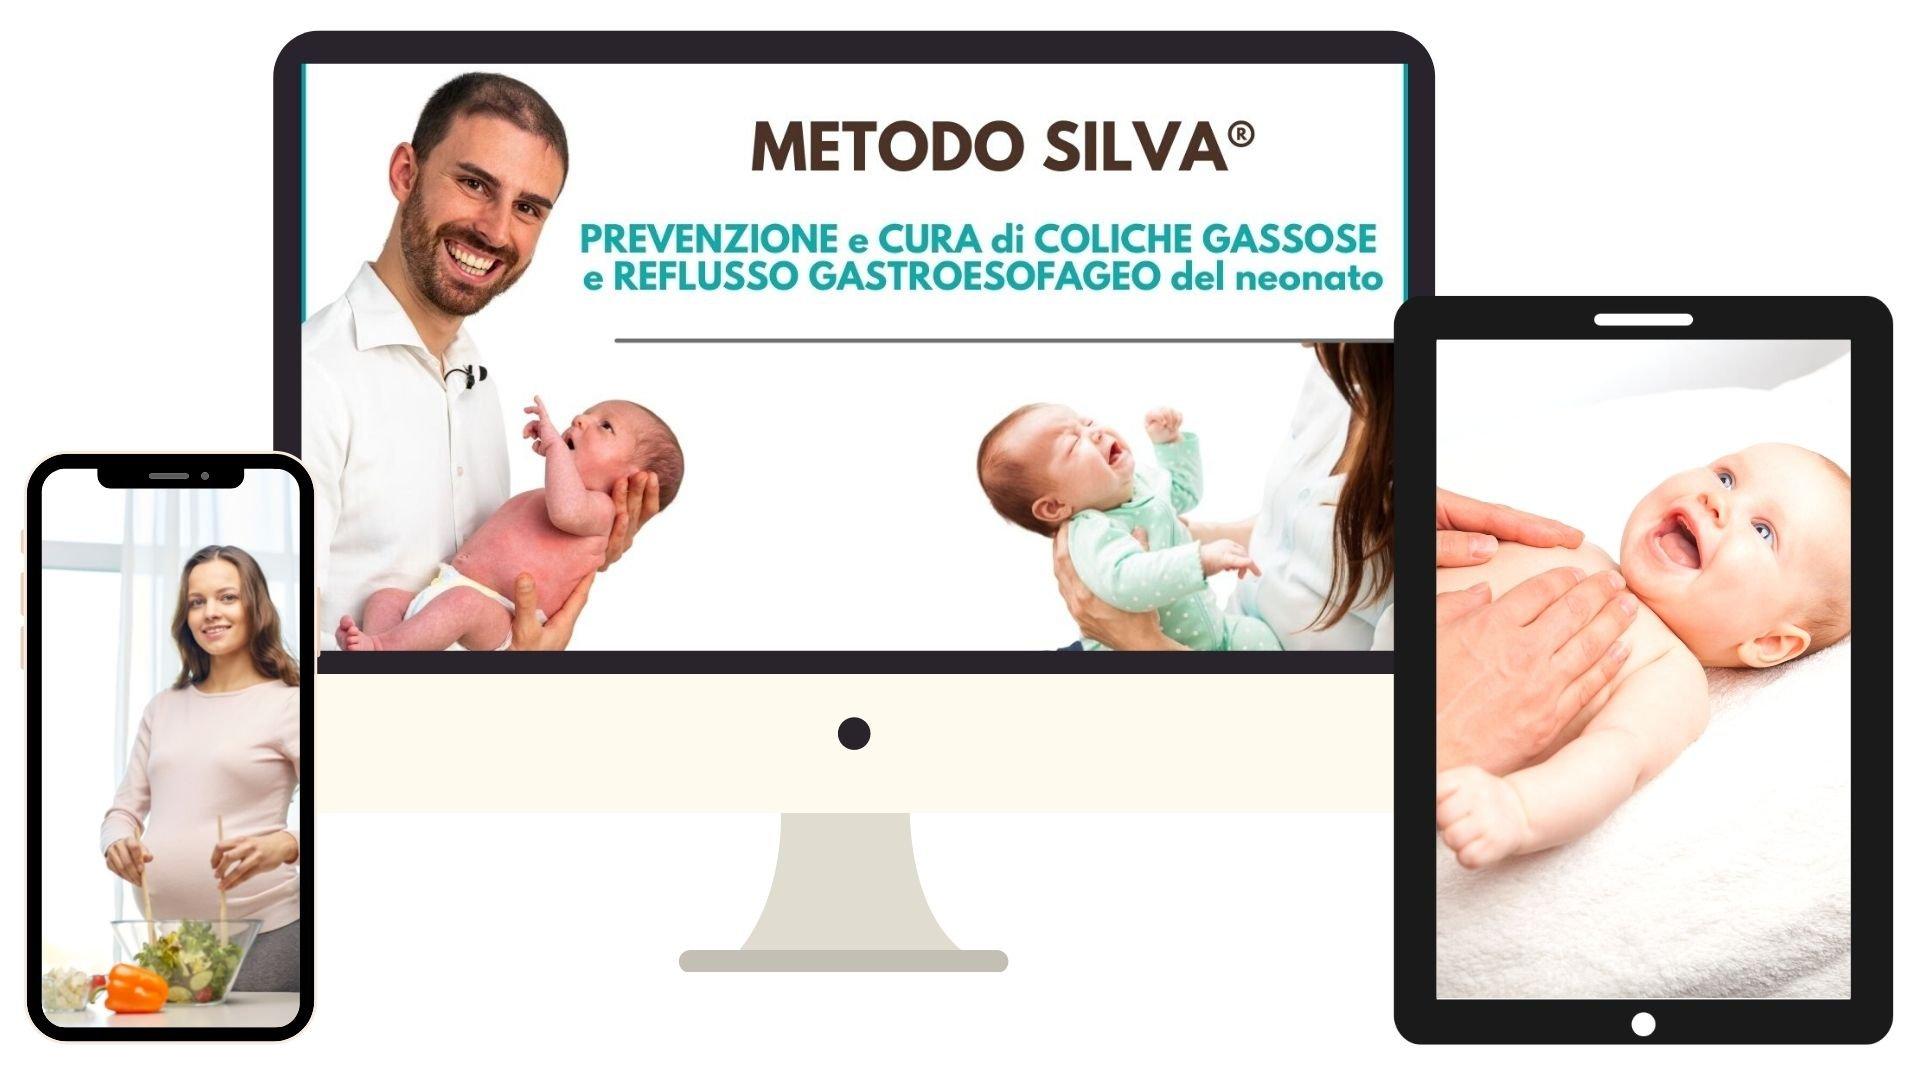 Videocoro Metodo Silva per la prevenzione e cura di coliche gassose e reflusso gastroesofageo del neonato